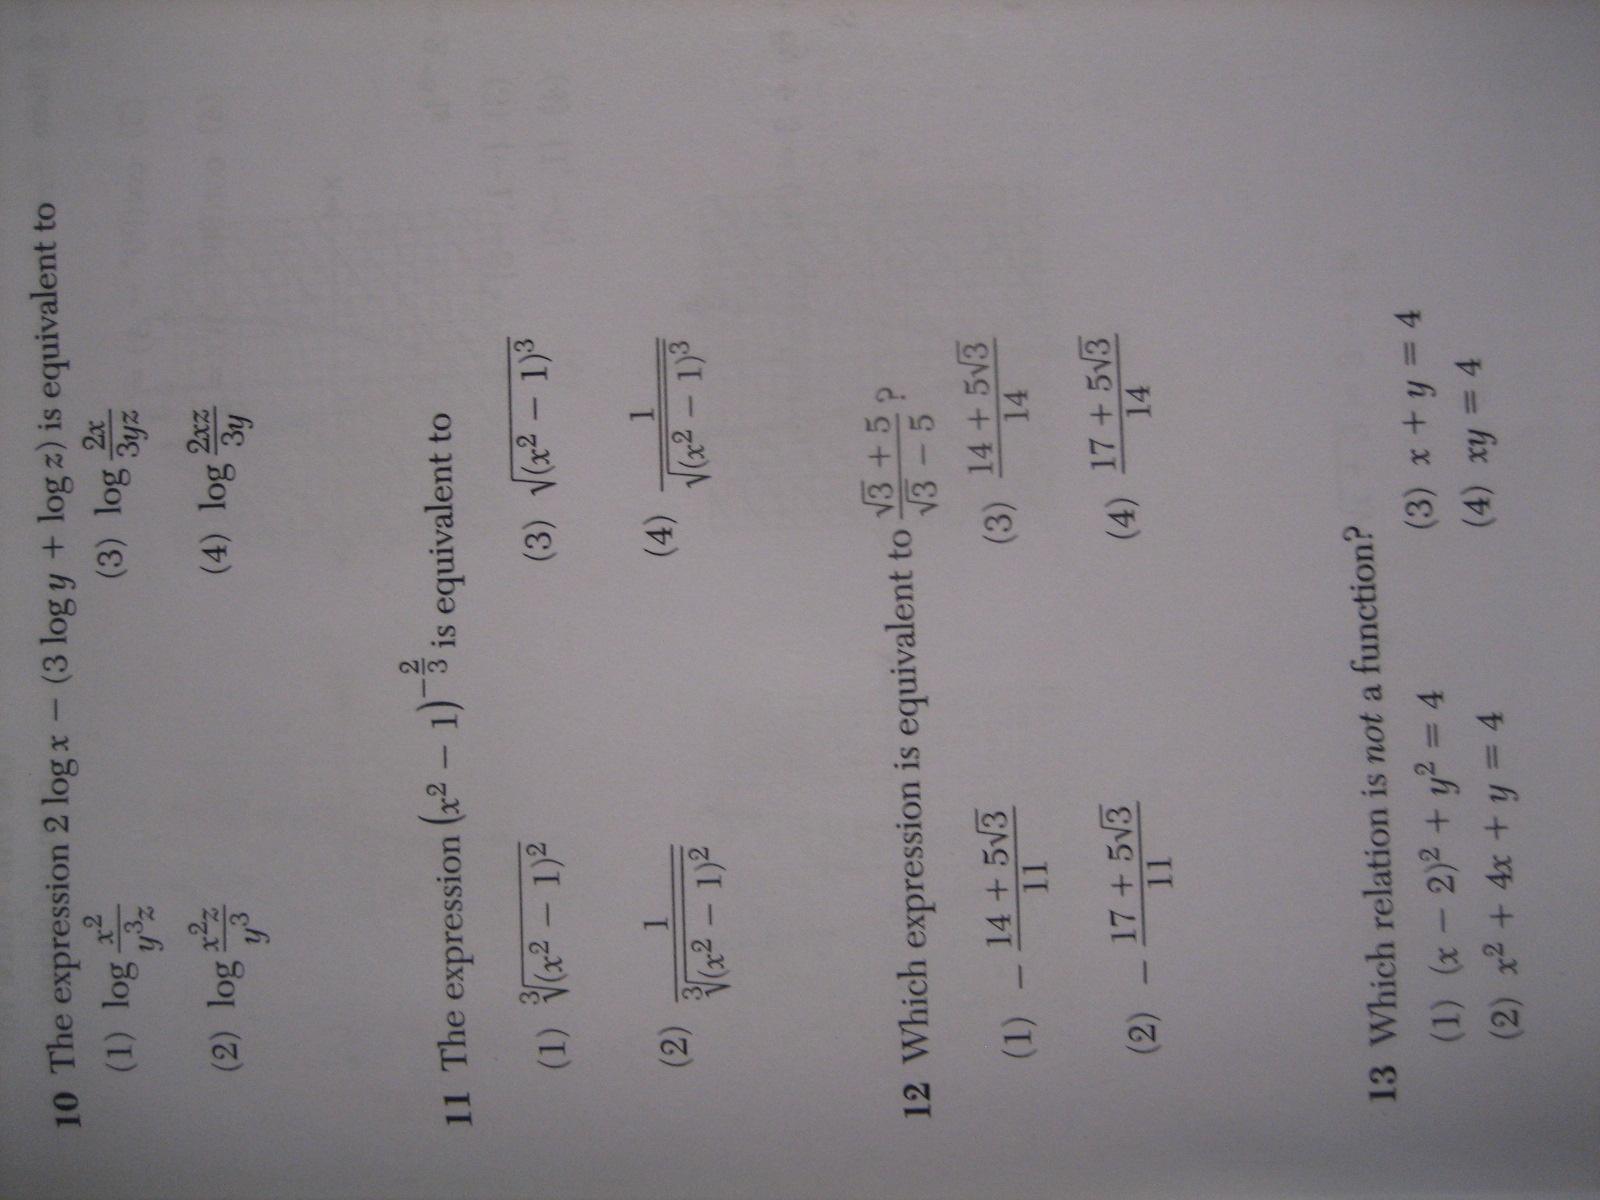 Algebra 2 Trigonometry Regents Full List Of Multiple